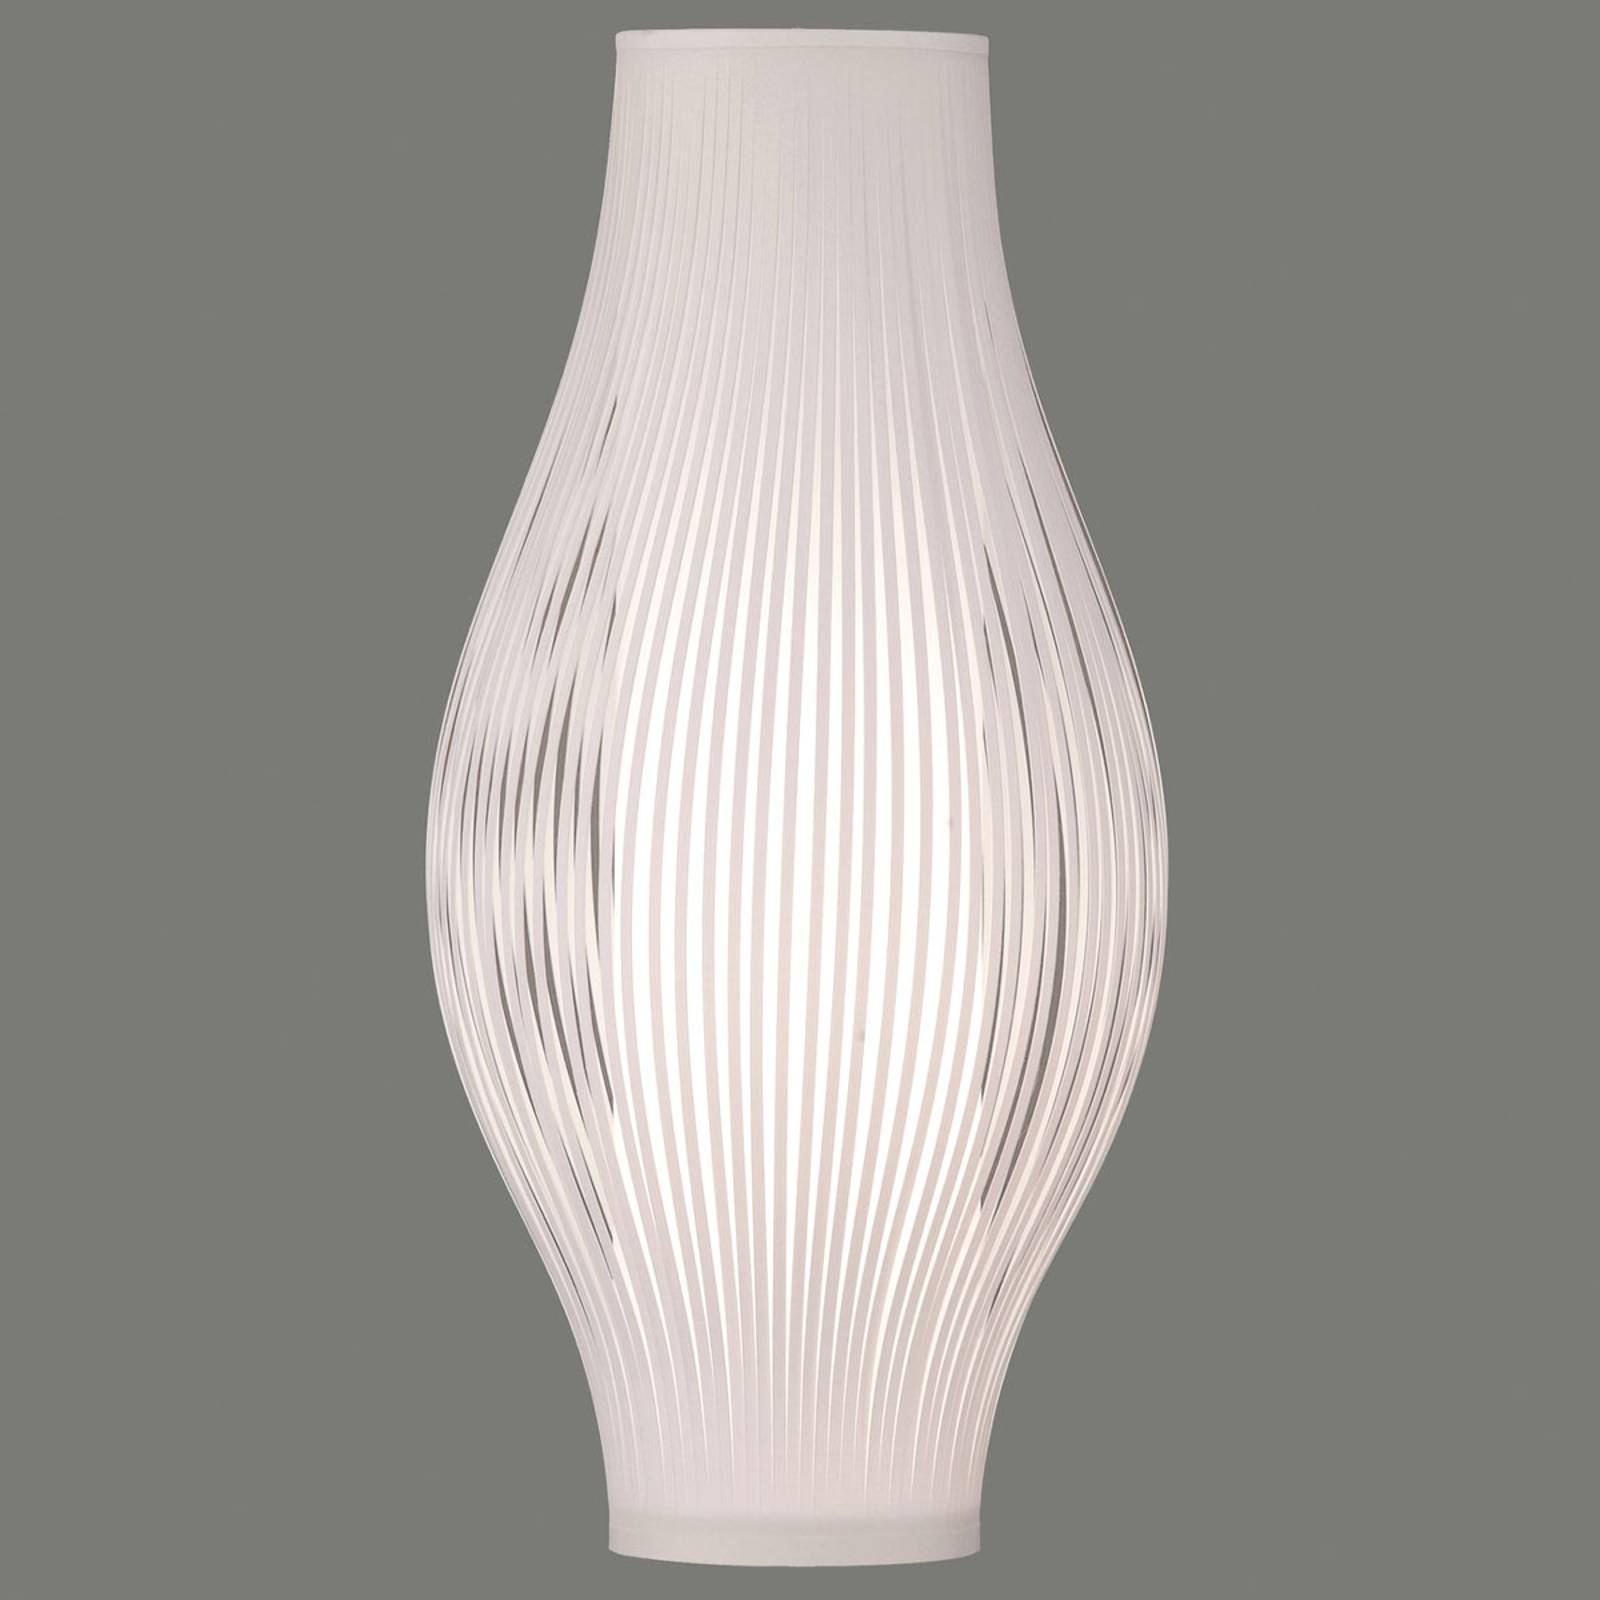 Tafellamp Murta, 71 cm, wit